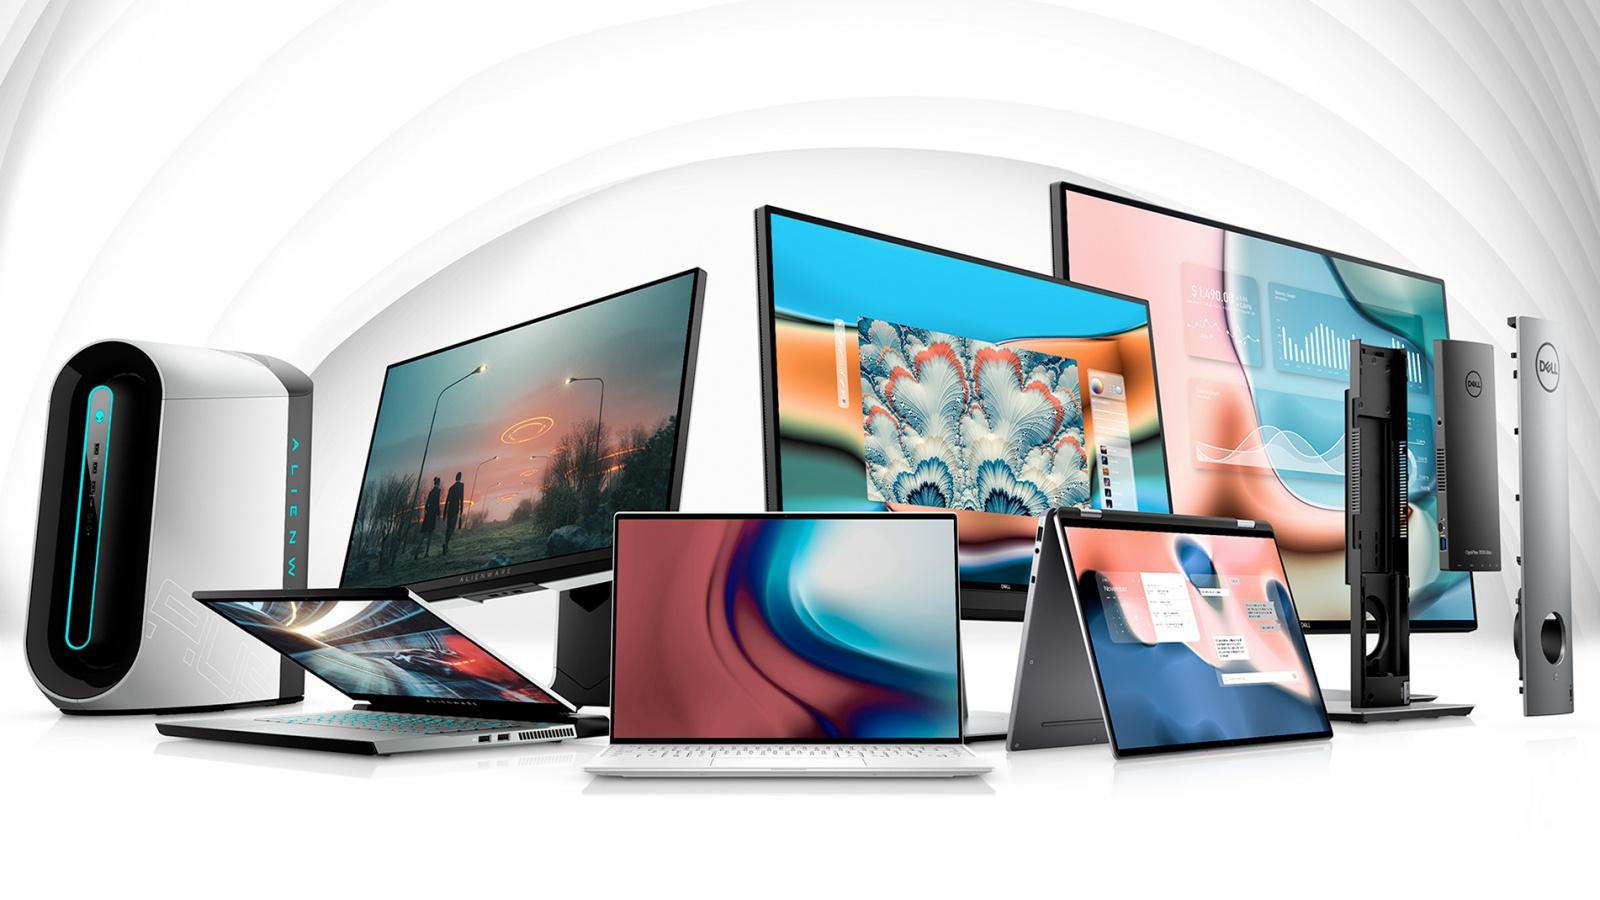 Новинки Dell и Alienware на CES 2020: коротко о главных анонсах - 1